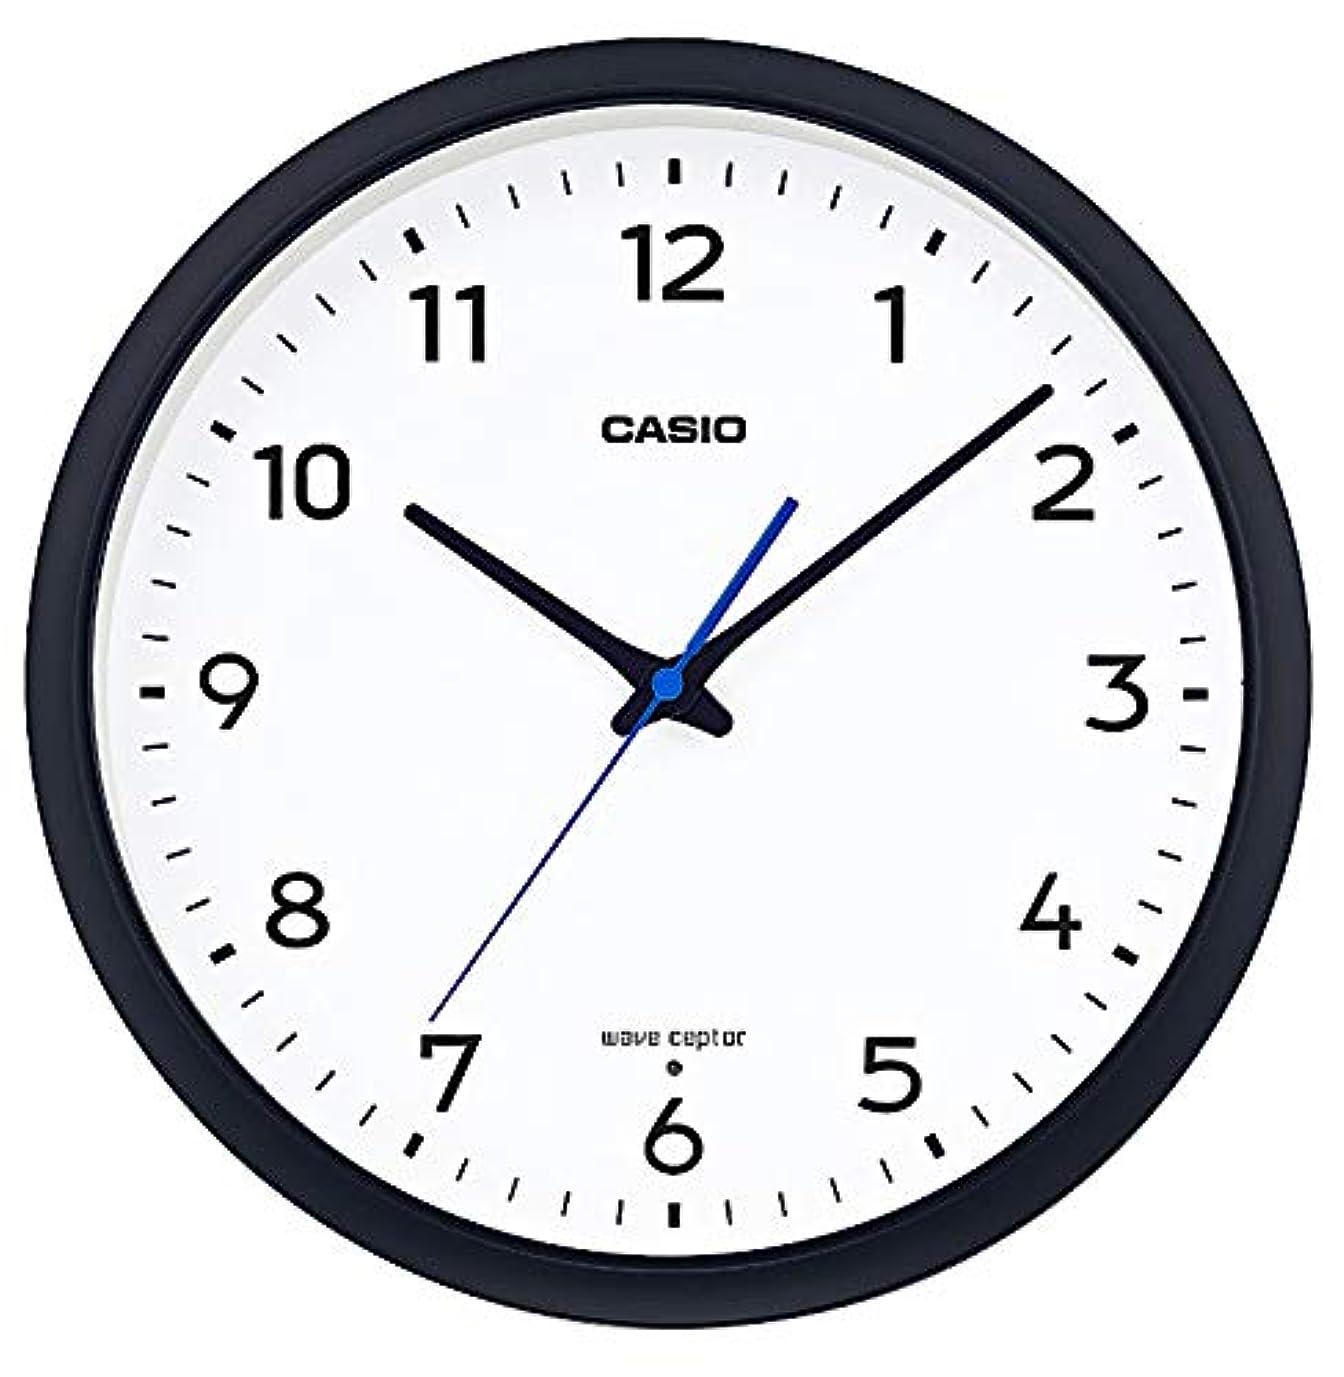 密度持続的悪いCASIO(カシオ) 掛け時計 ブラック 直径31.1㎝ 電波時計 IQ-1013J-1JF